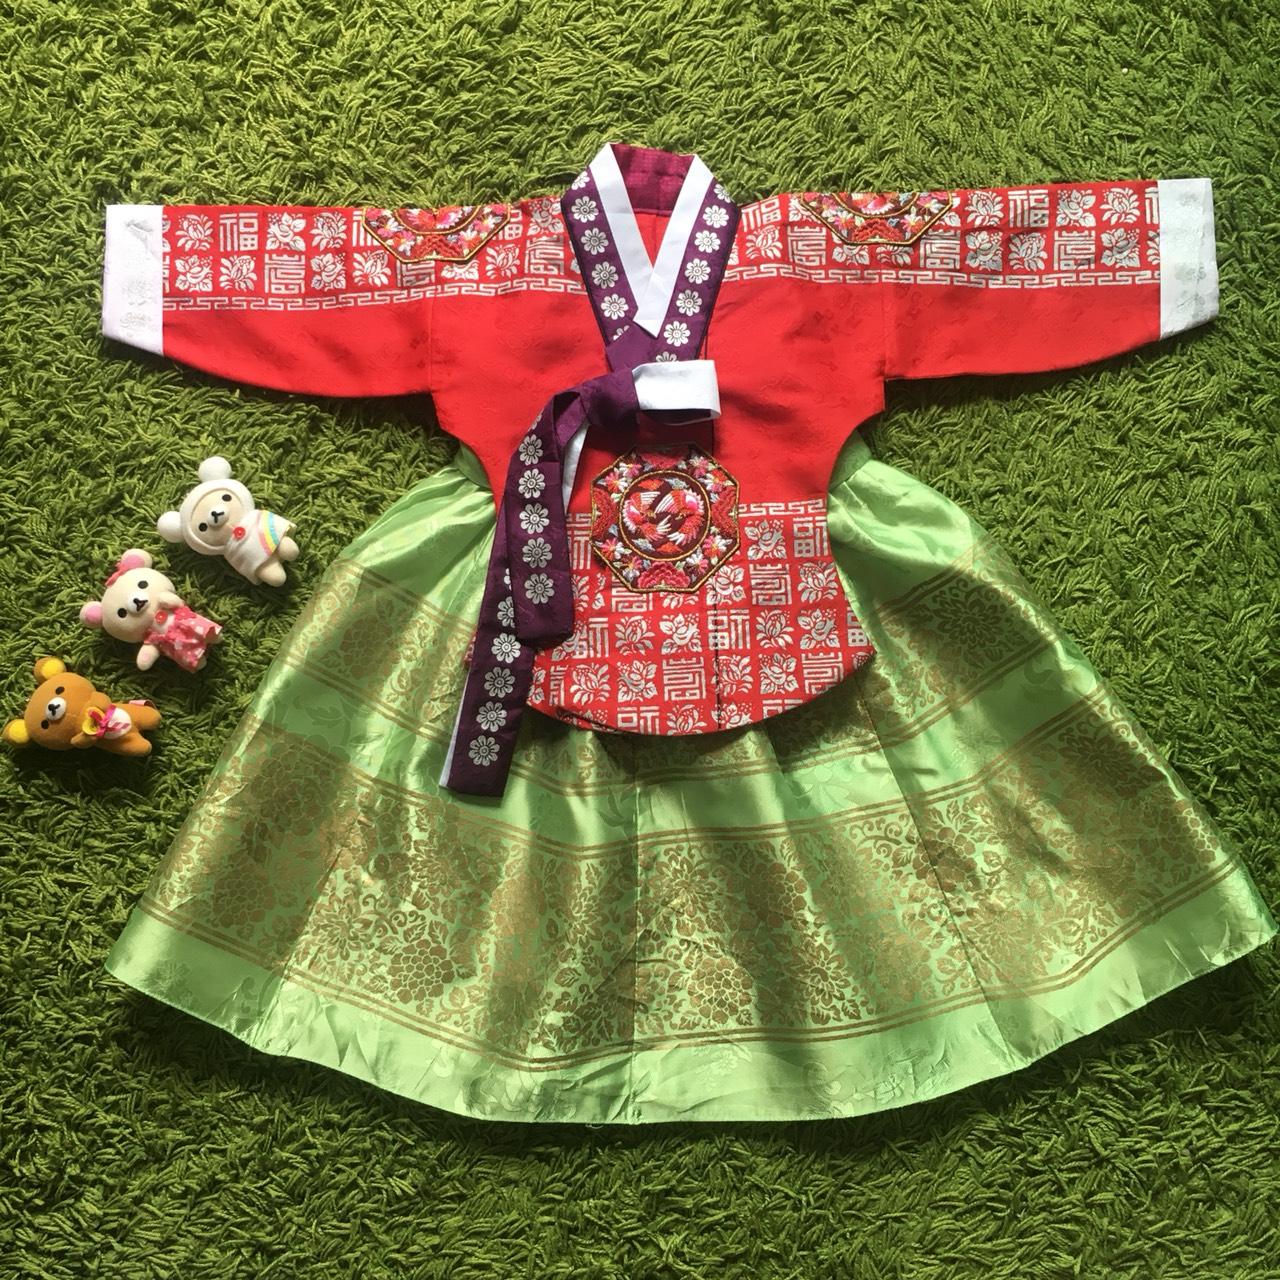 Hanbok Girl ฮันบกผ้าไหมชาววัง สำหรับเด็ก 1 ขวบ